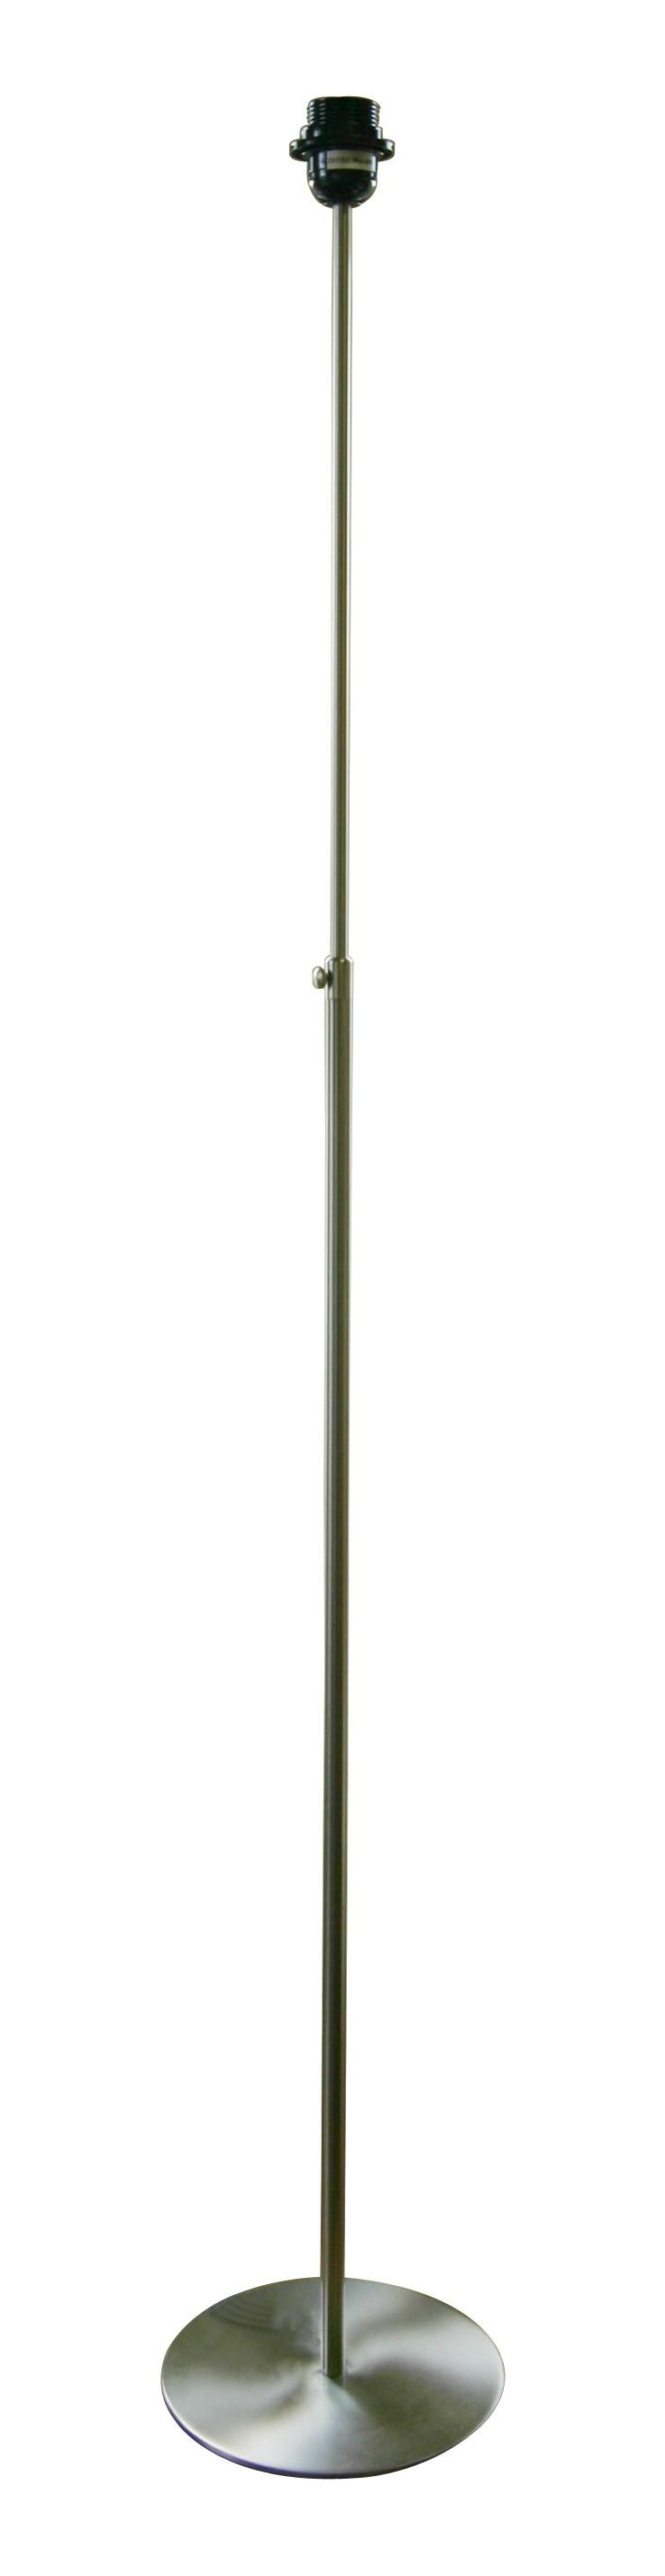 Lampenfuß für eine Stehleuchte, Edelstahloptik, Höhe 161 cm